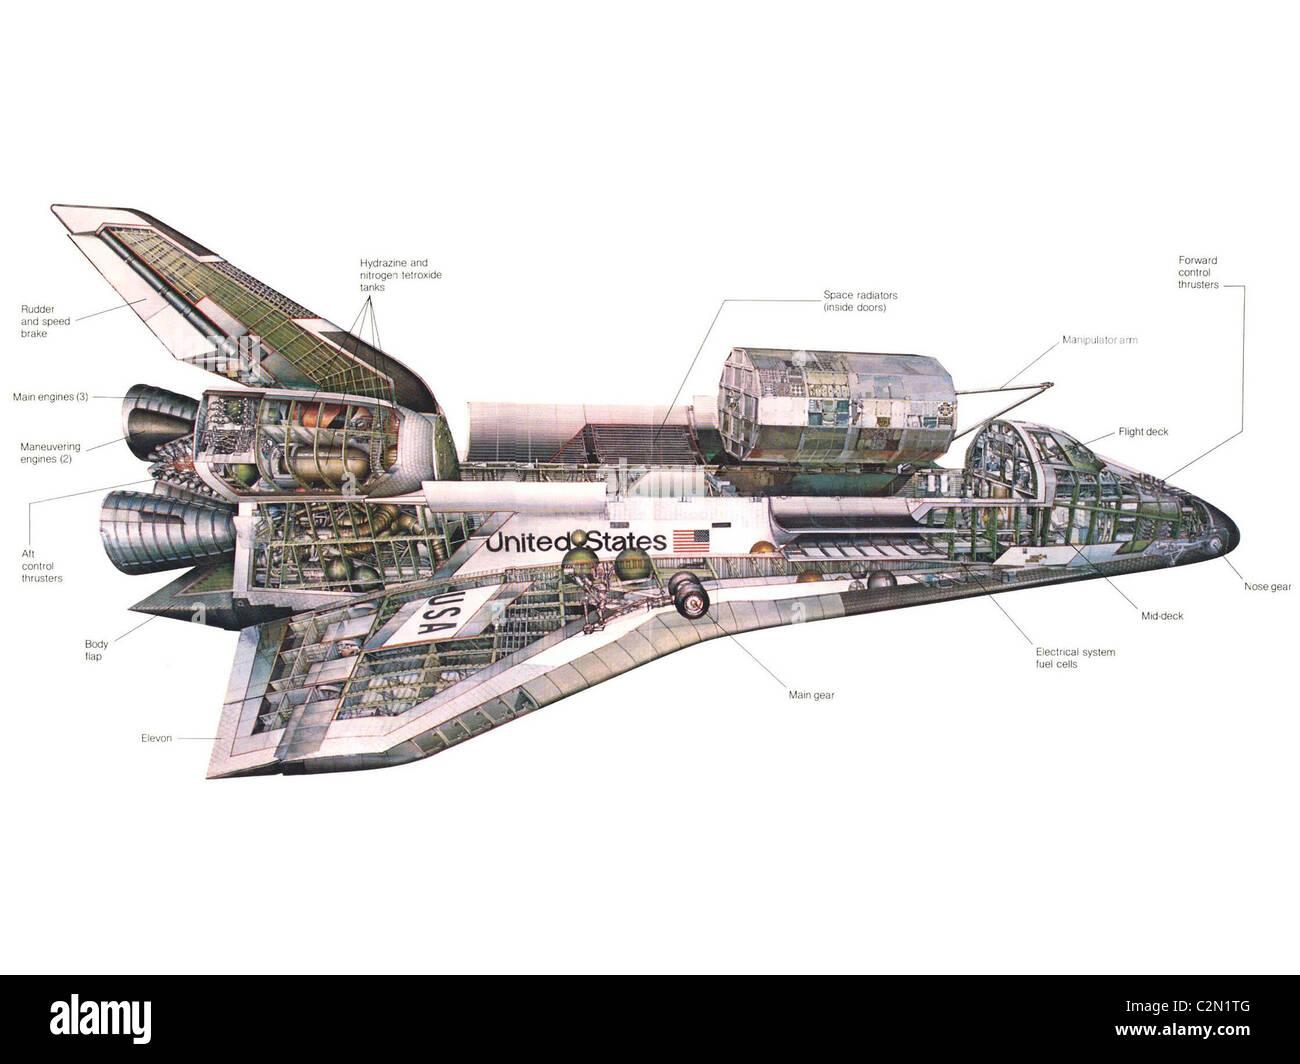 Space Shuttle orbiter diagram - Stock Image